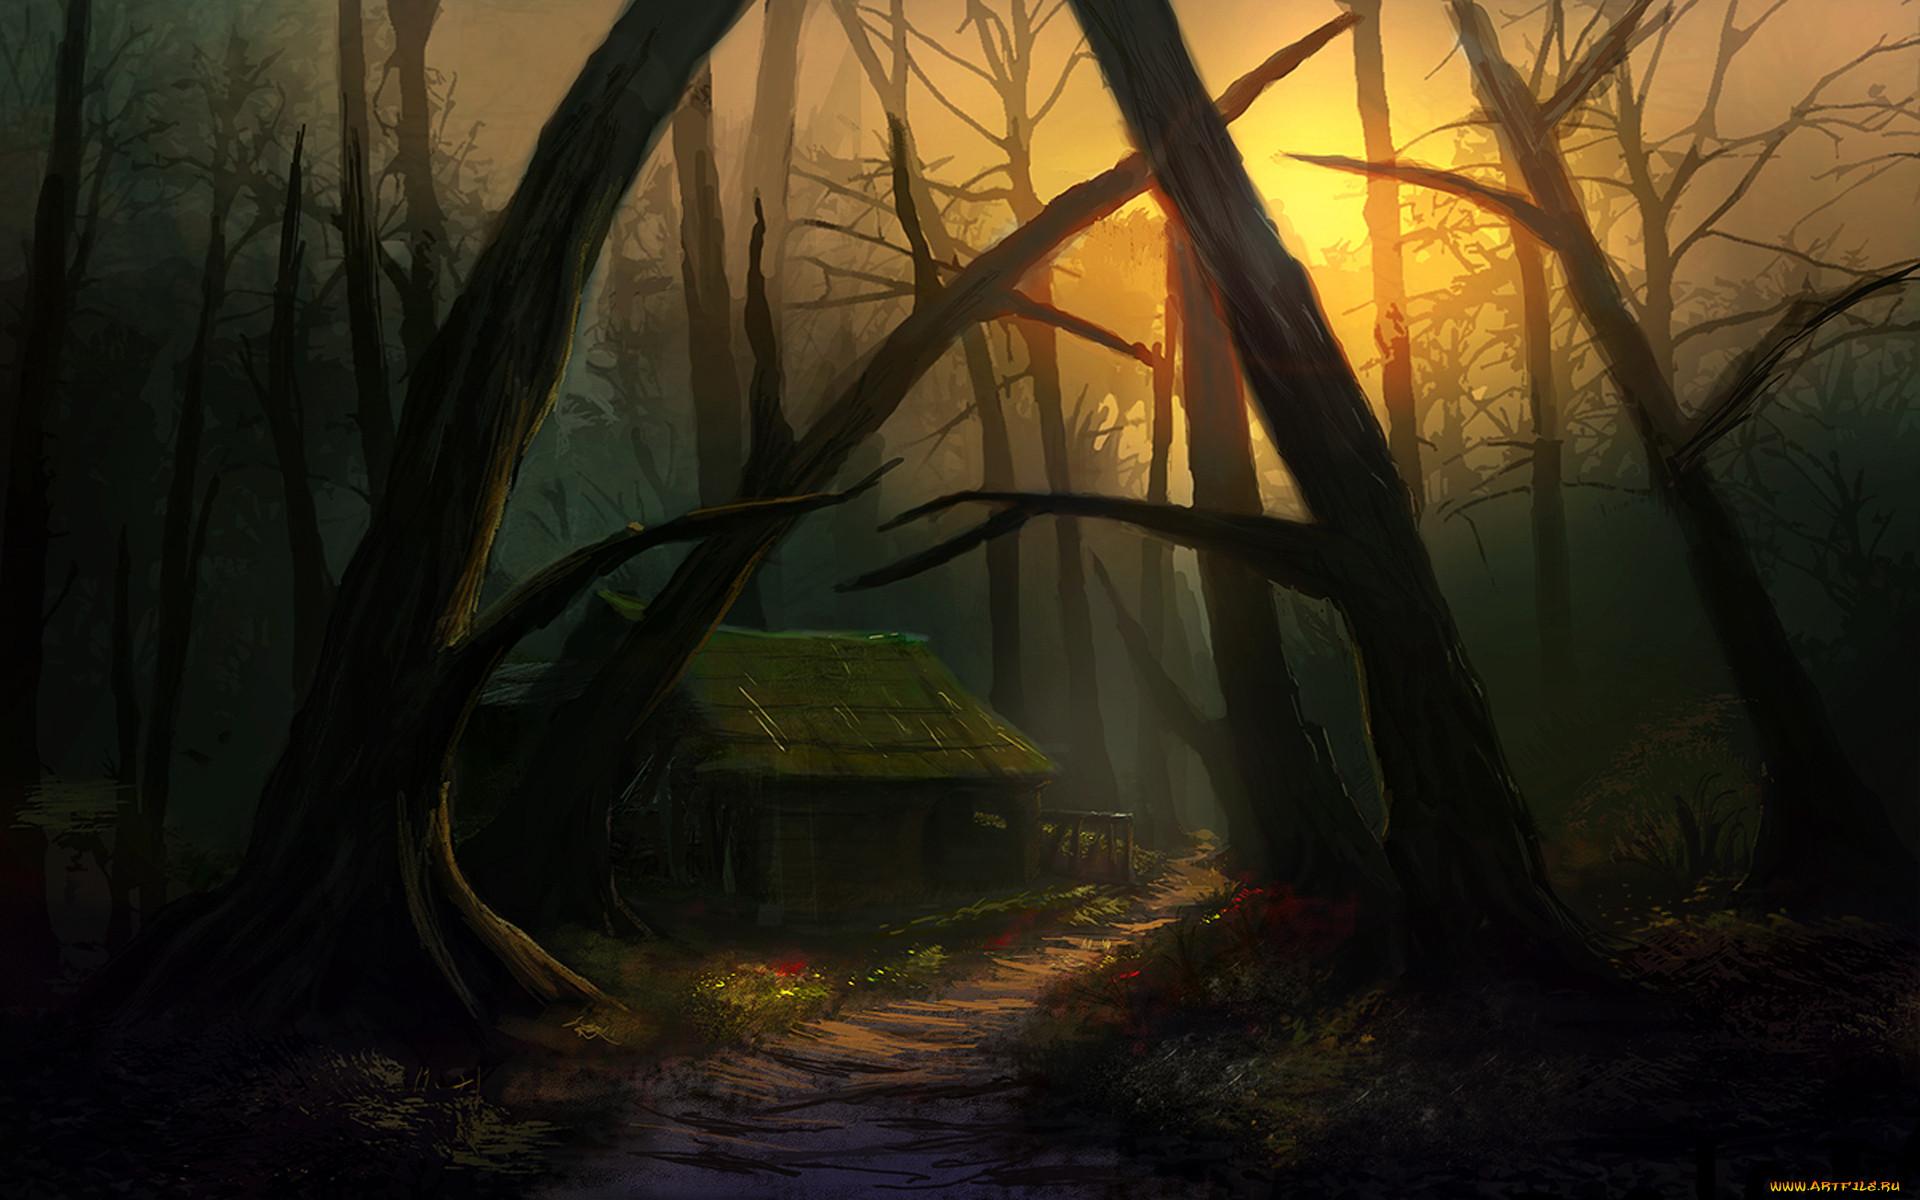 перчики наливались картинки фэнтези лес тропинка манные